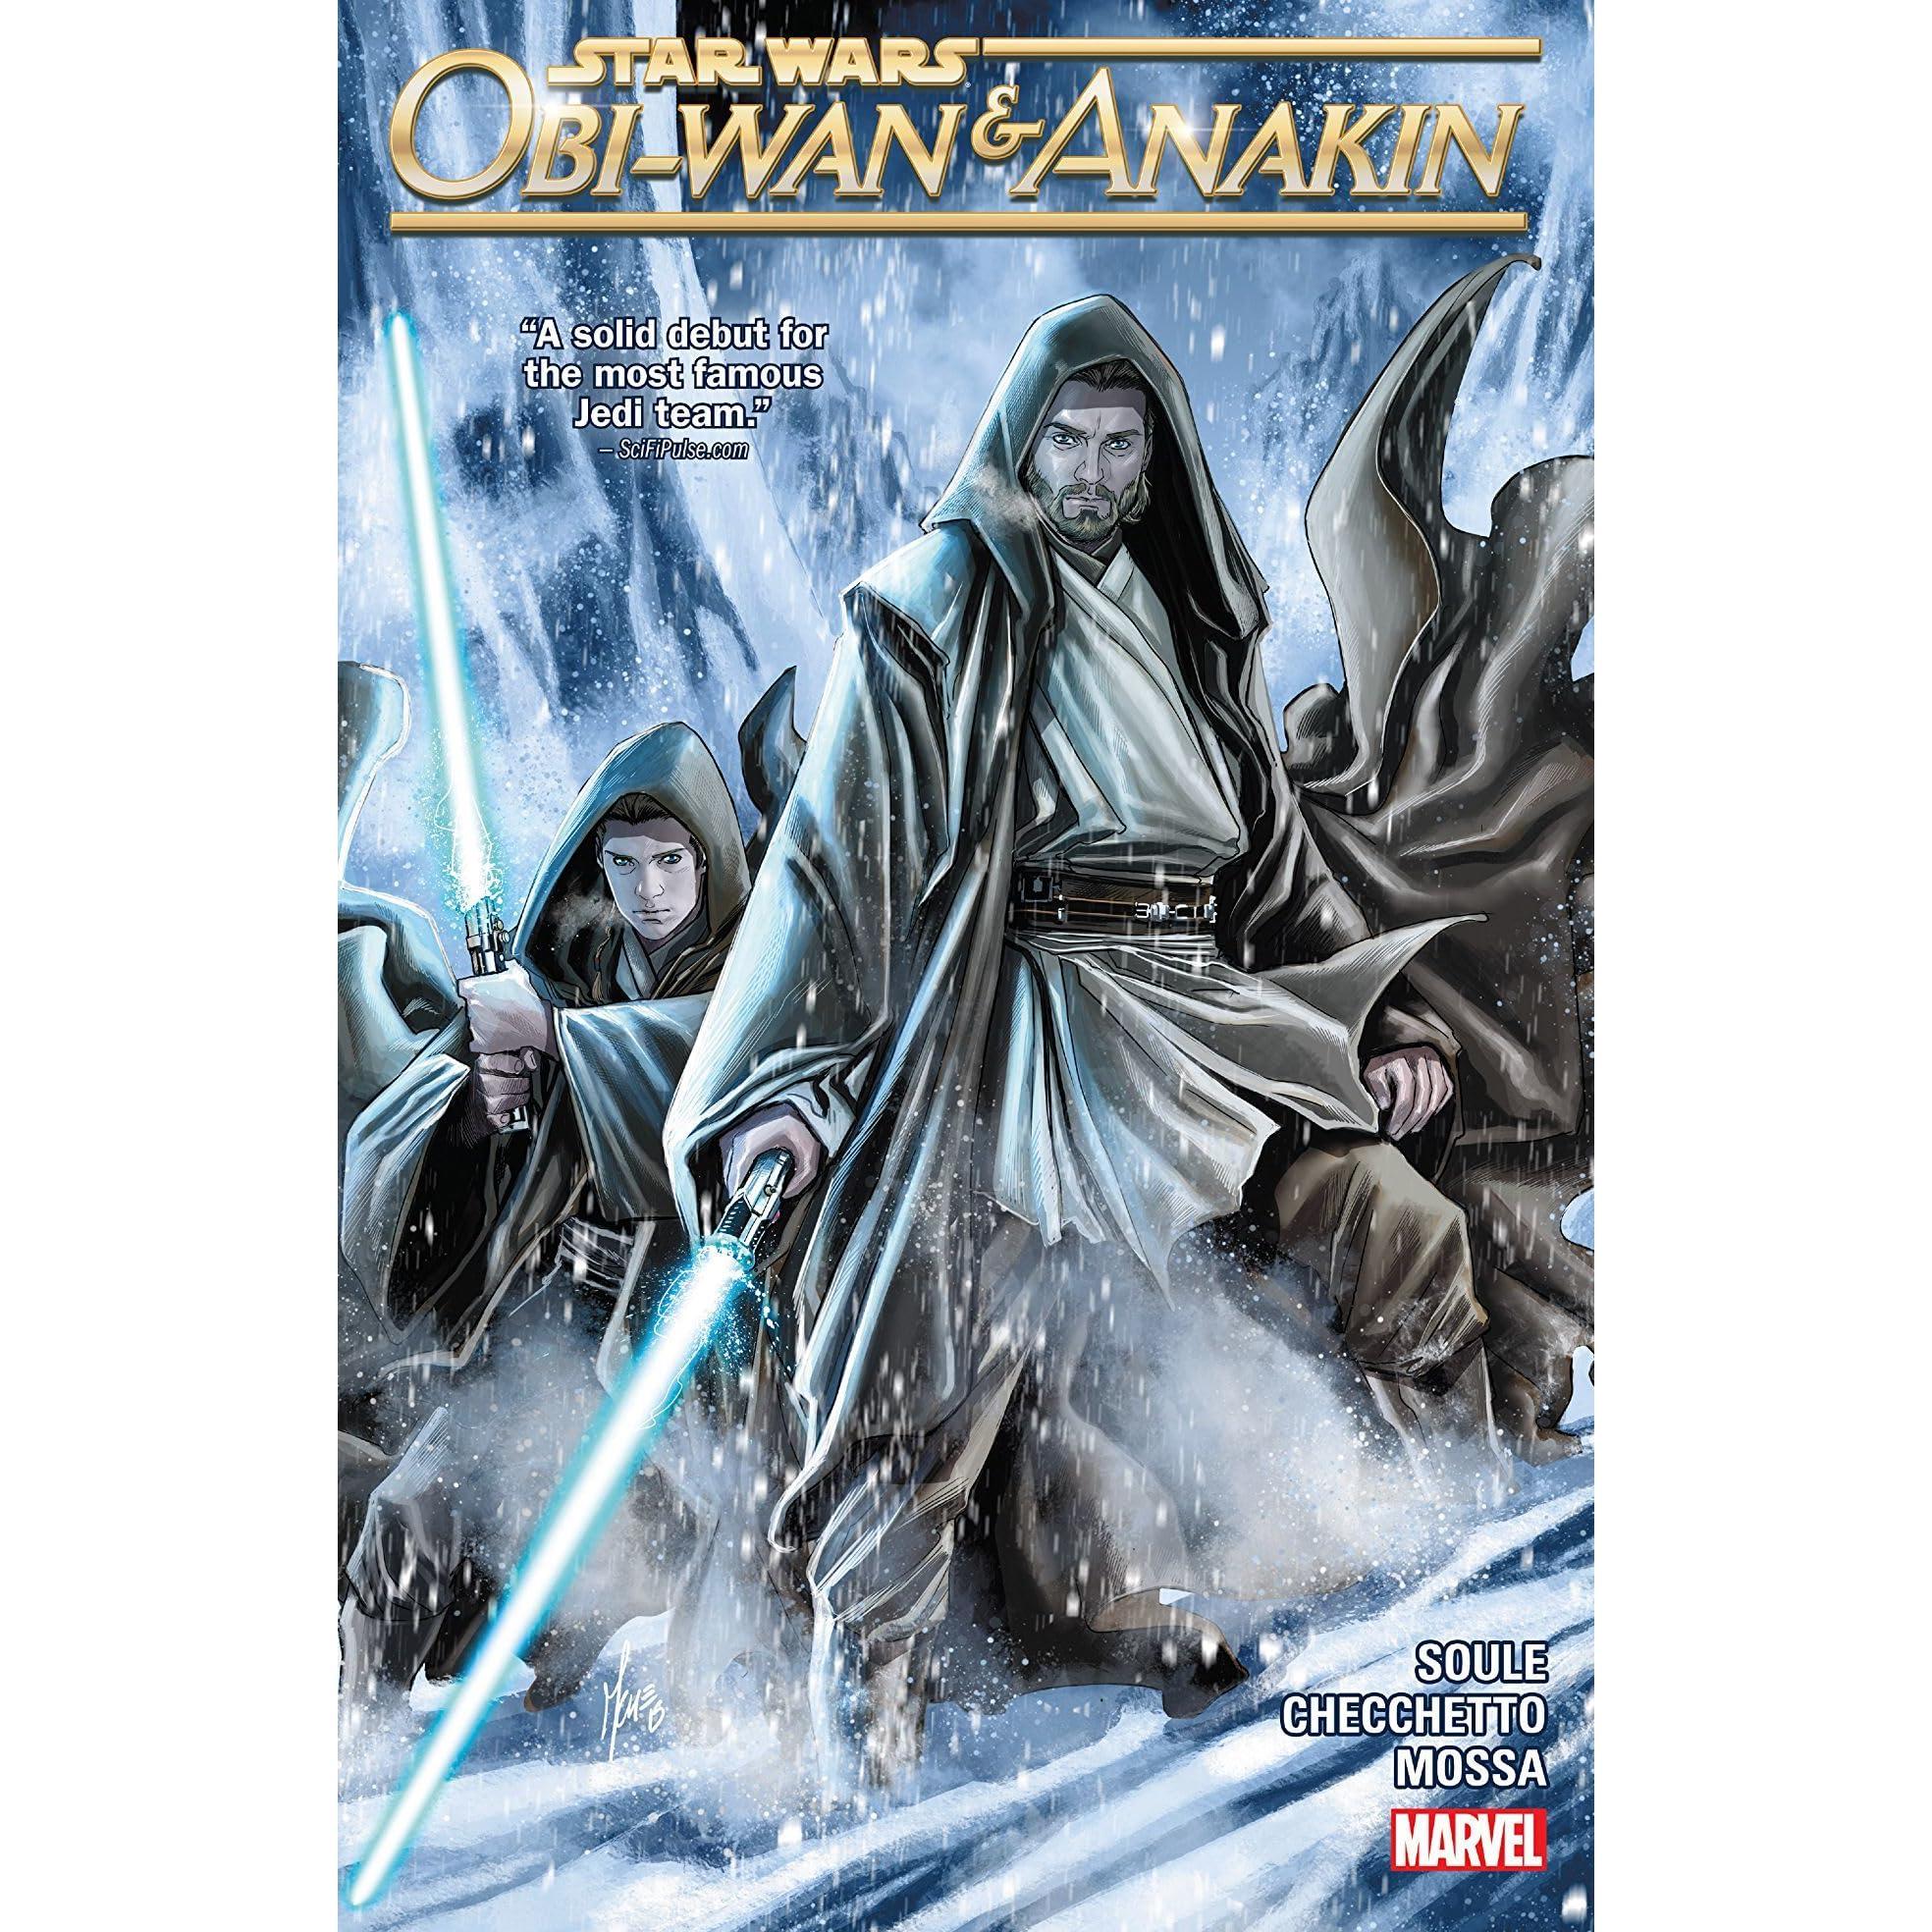 Star Wars Obi Wan Anakin By Charles Soule